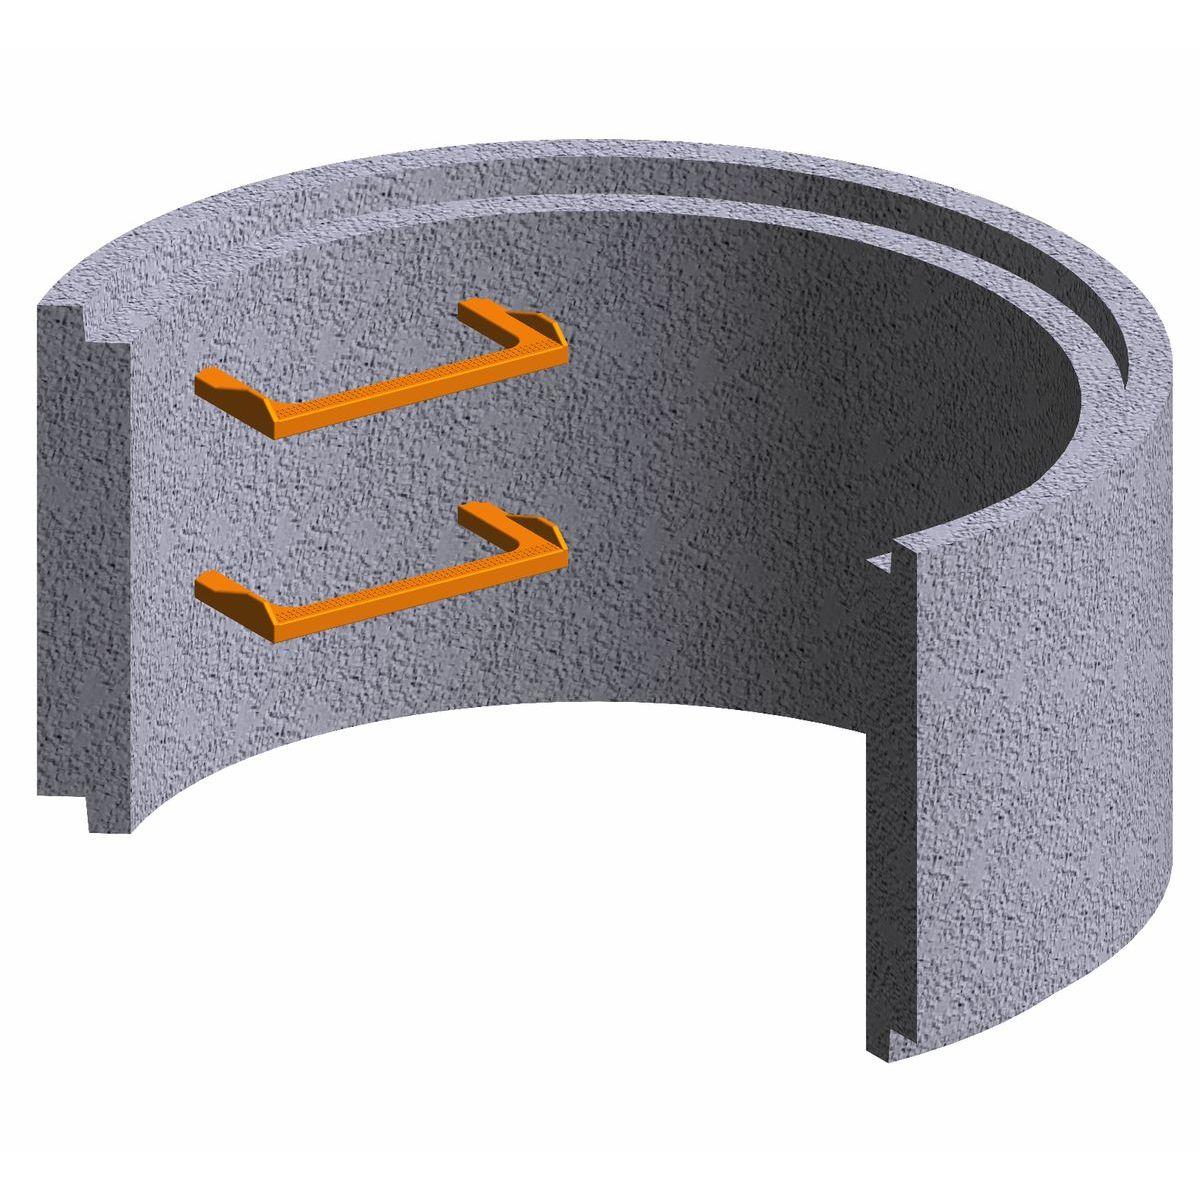 Anneau préfabriqué en béton pour puits100x50